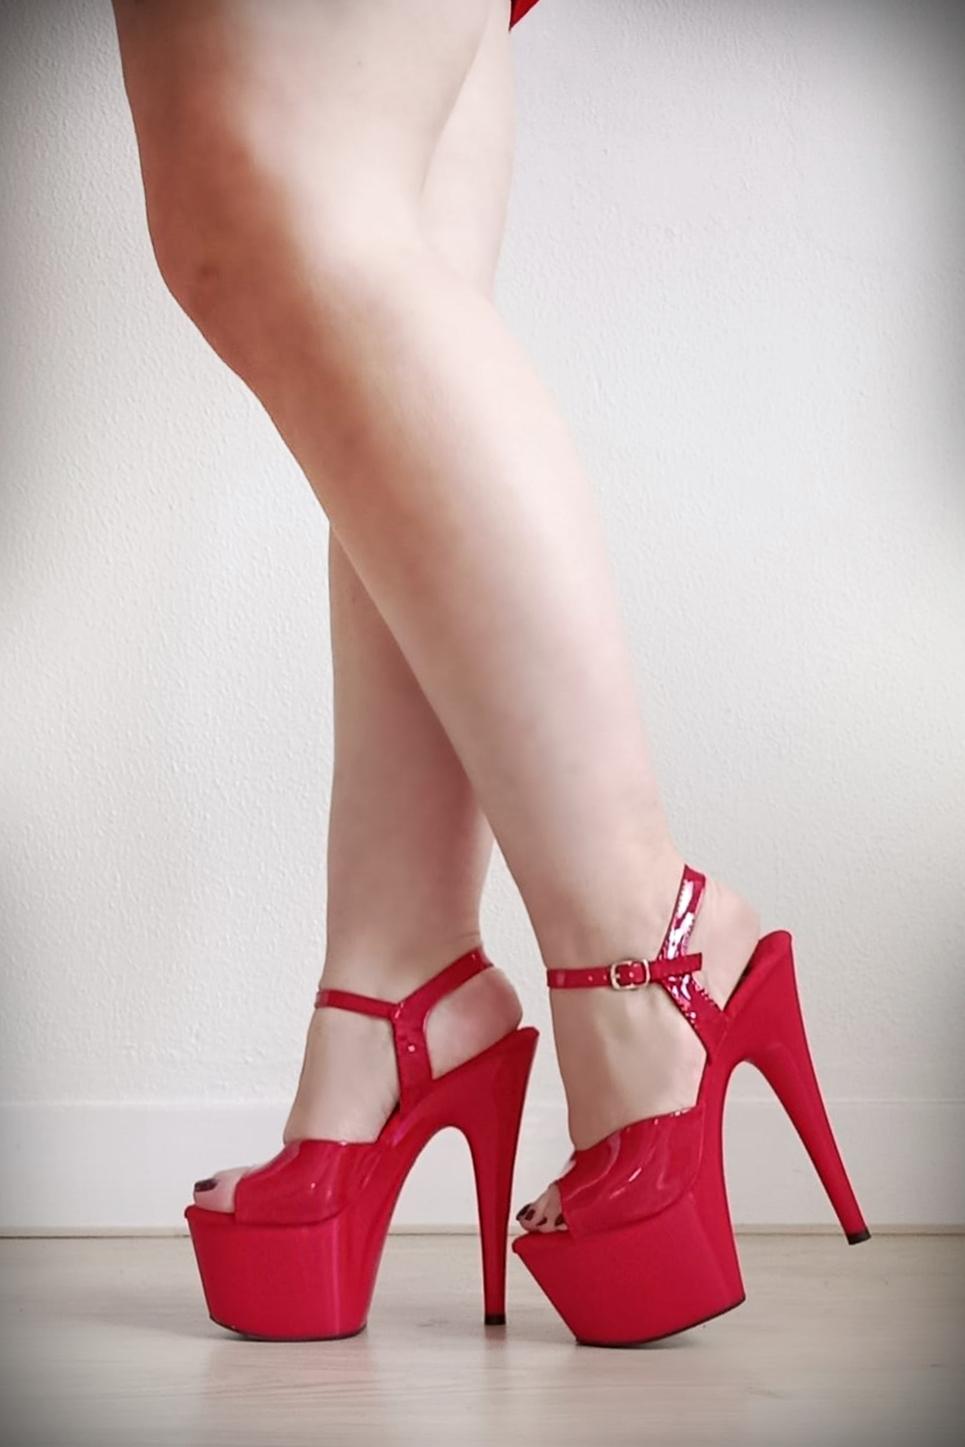 Basic rode danshakken